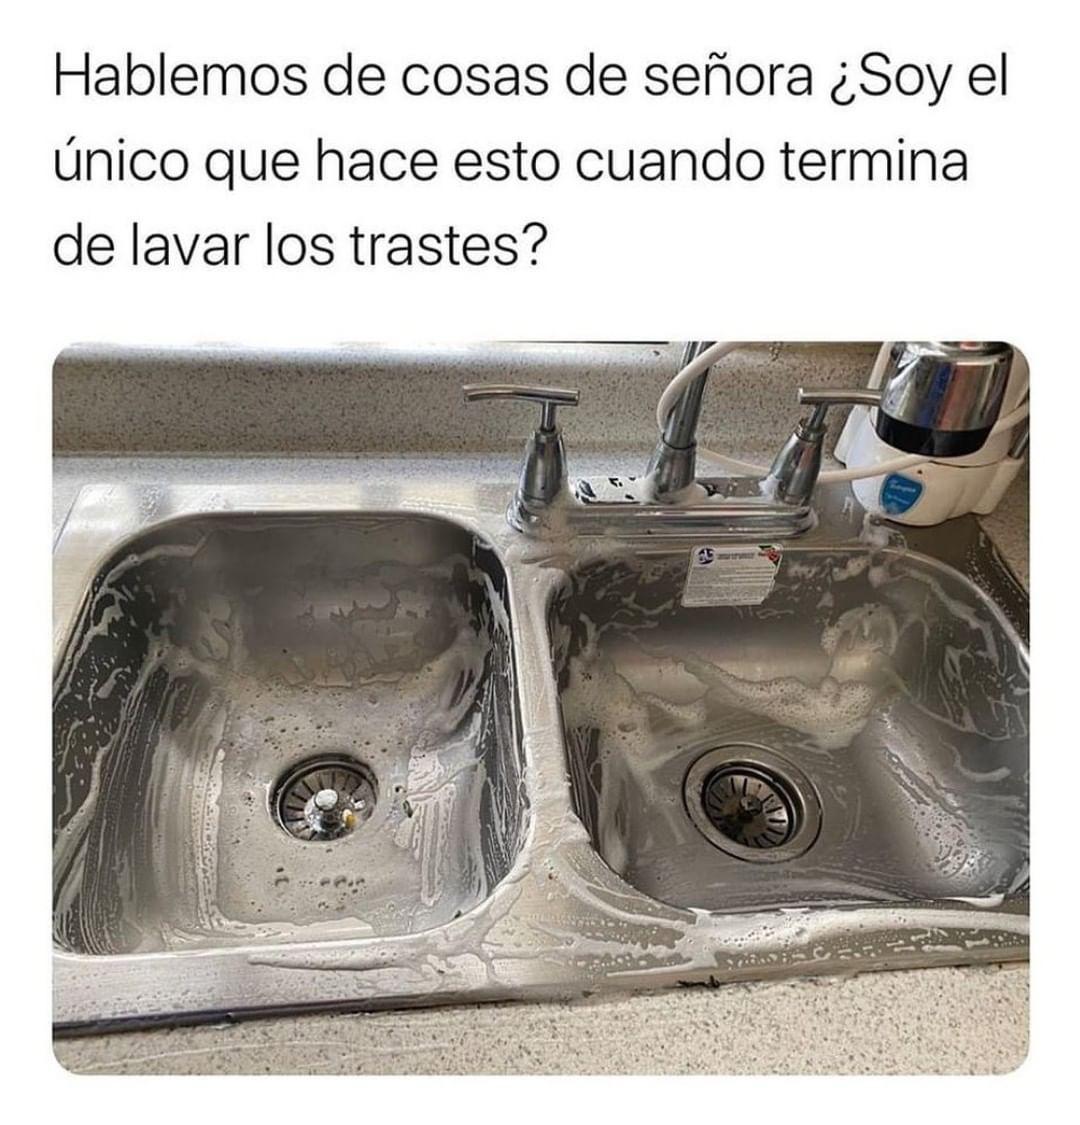 Hablemos de cosas de señora ¿Soy el único que hace esto cuando termina de lavar los trastes?